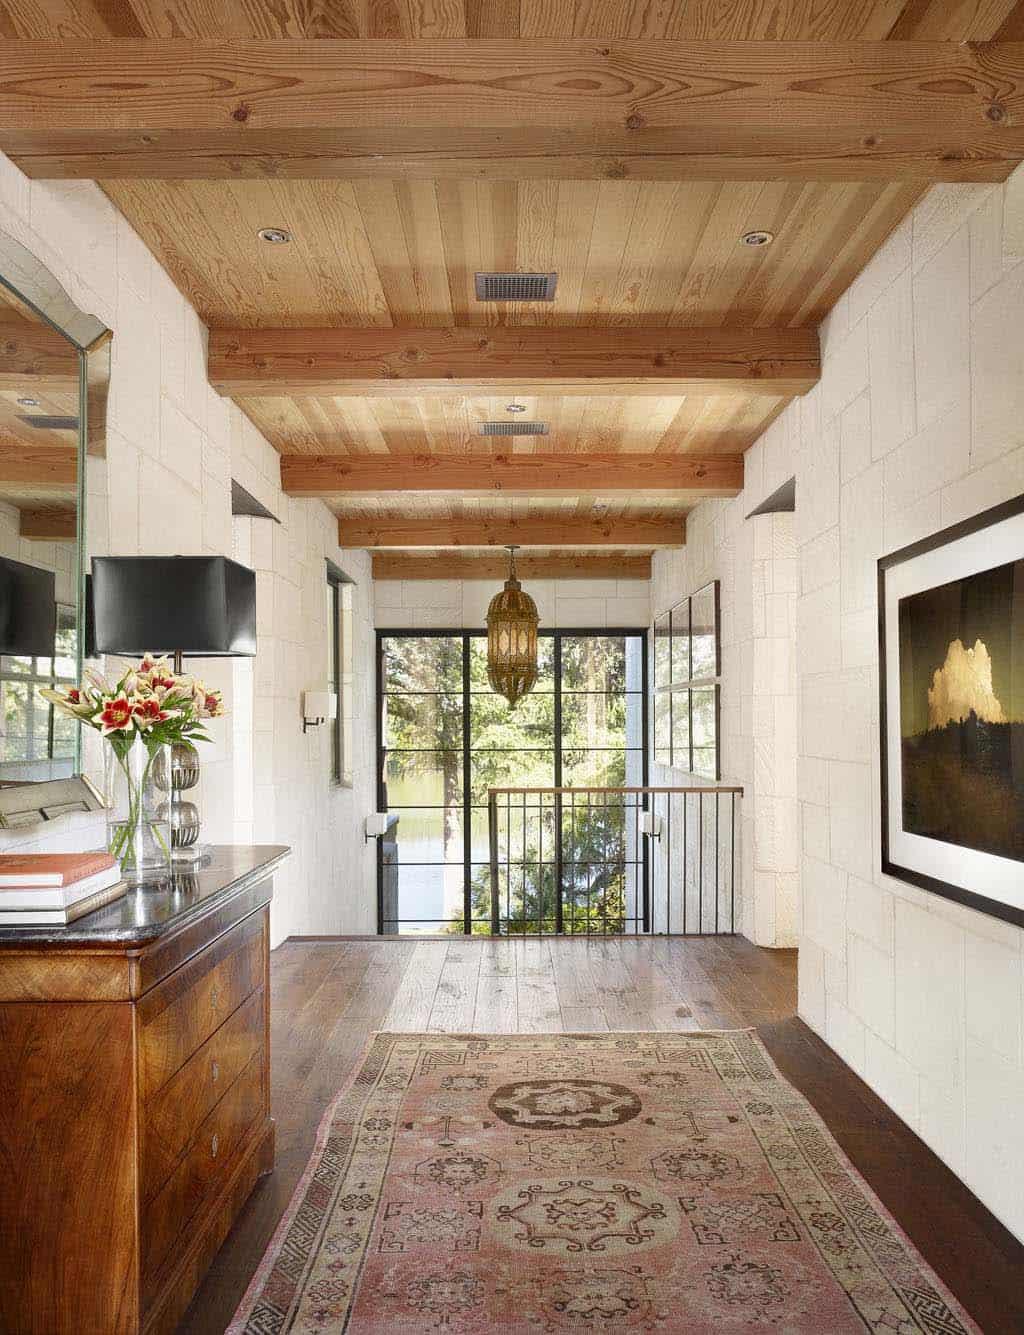 Rustic Modern Home-Mark Ashby Design-05-1 Kindesign